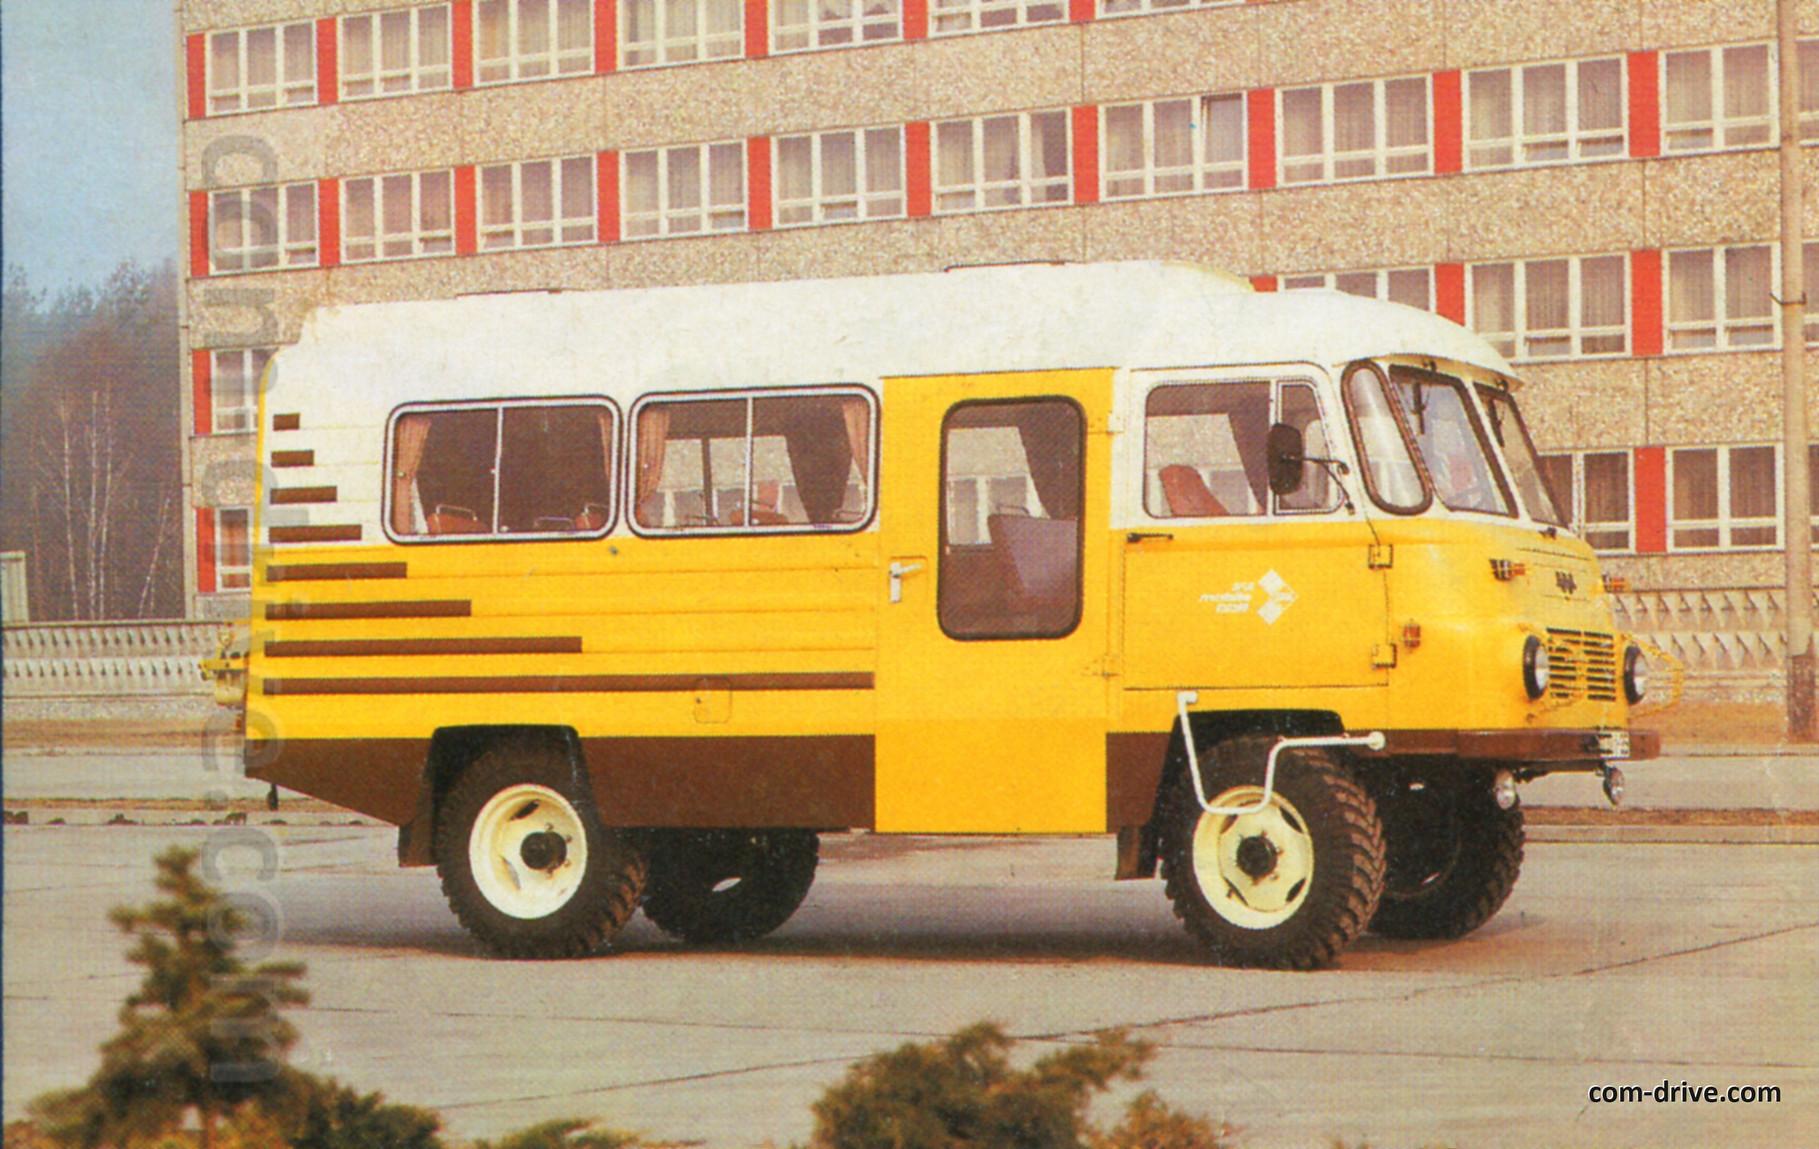 Кузов автобуса довольно прост и унифицирован с грузовой версией. Фото из архива Юрия Петрова